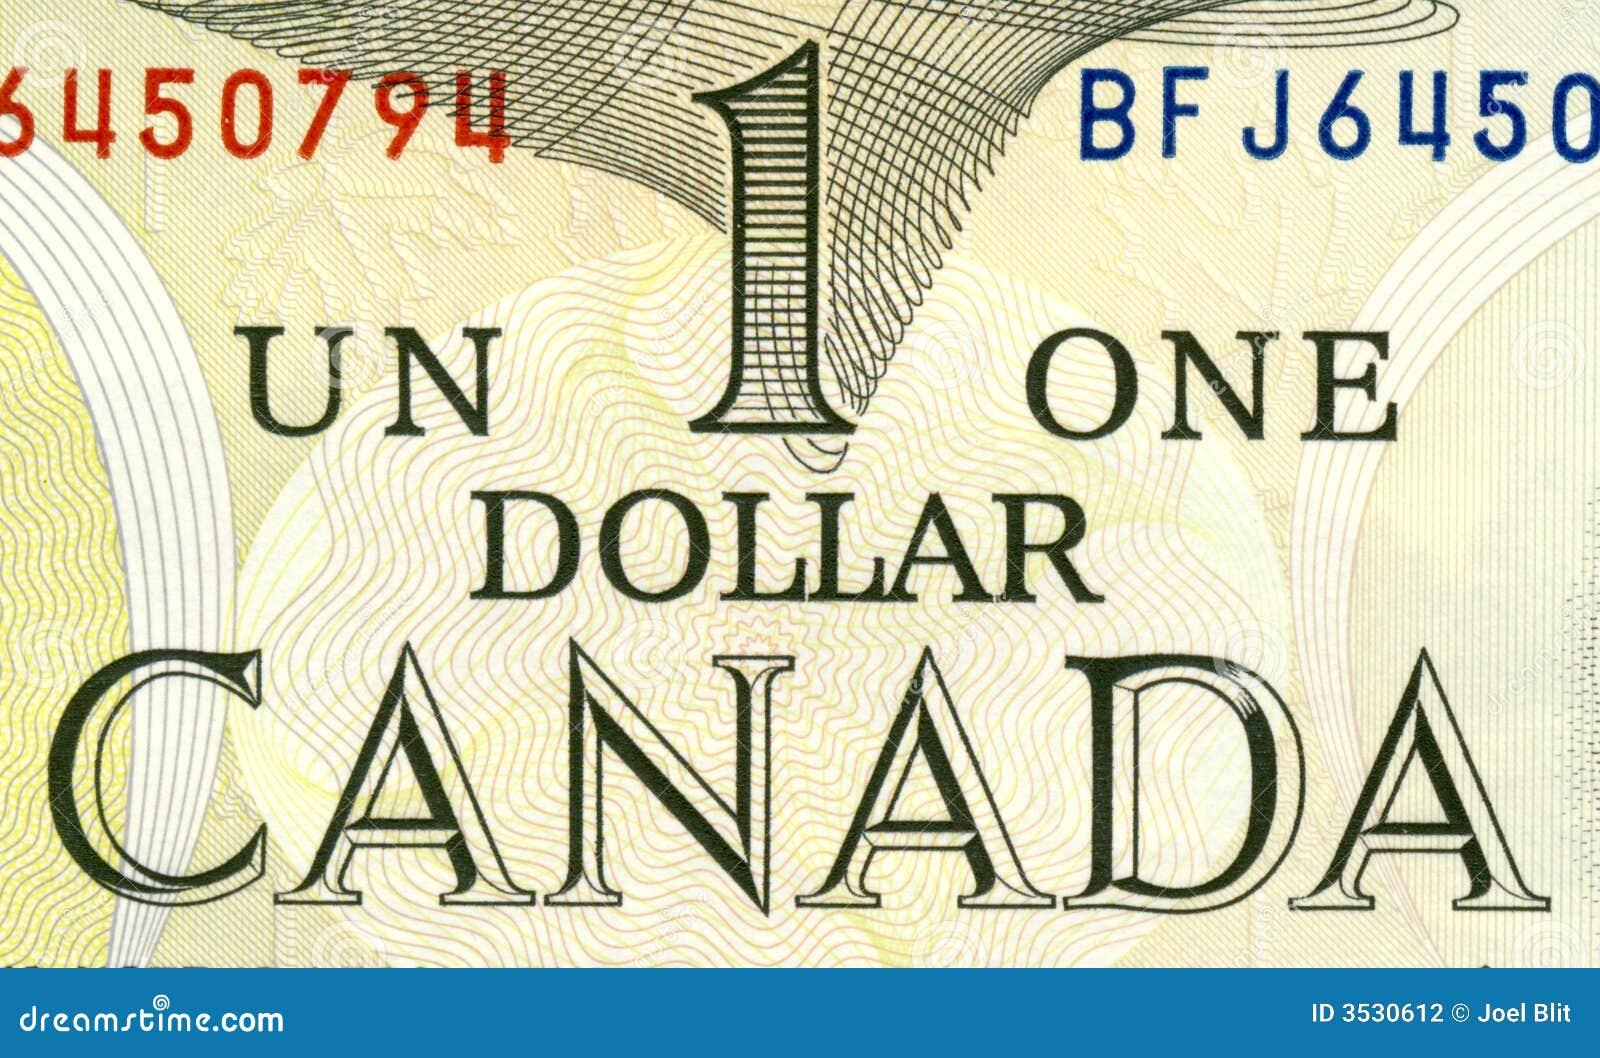 Kanadier ein Dollar